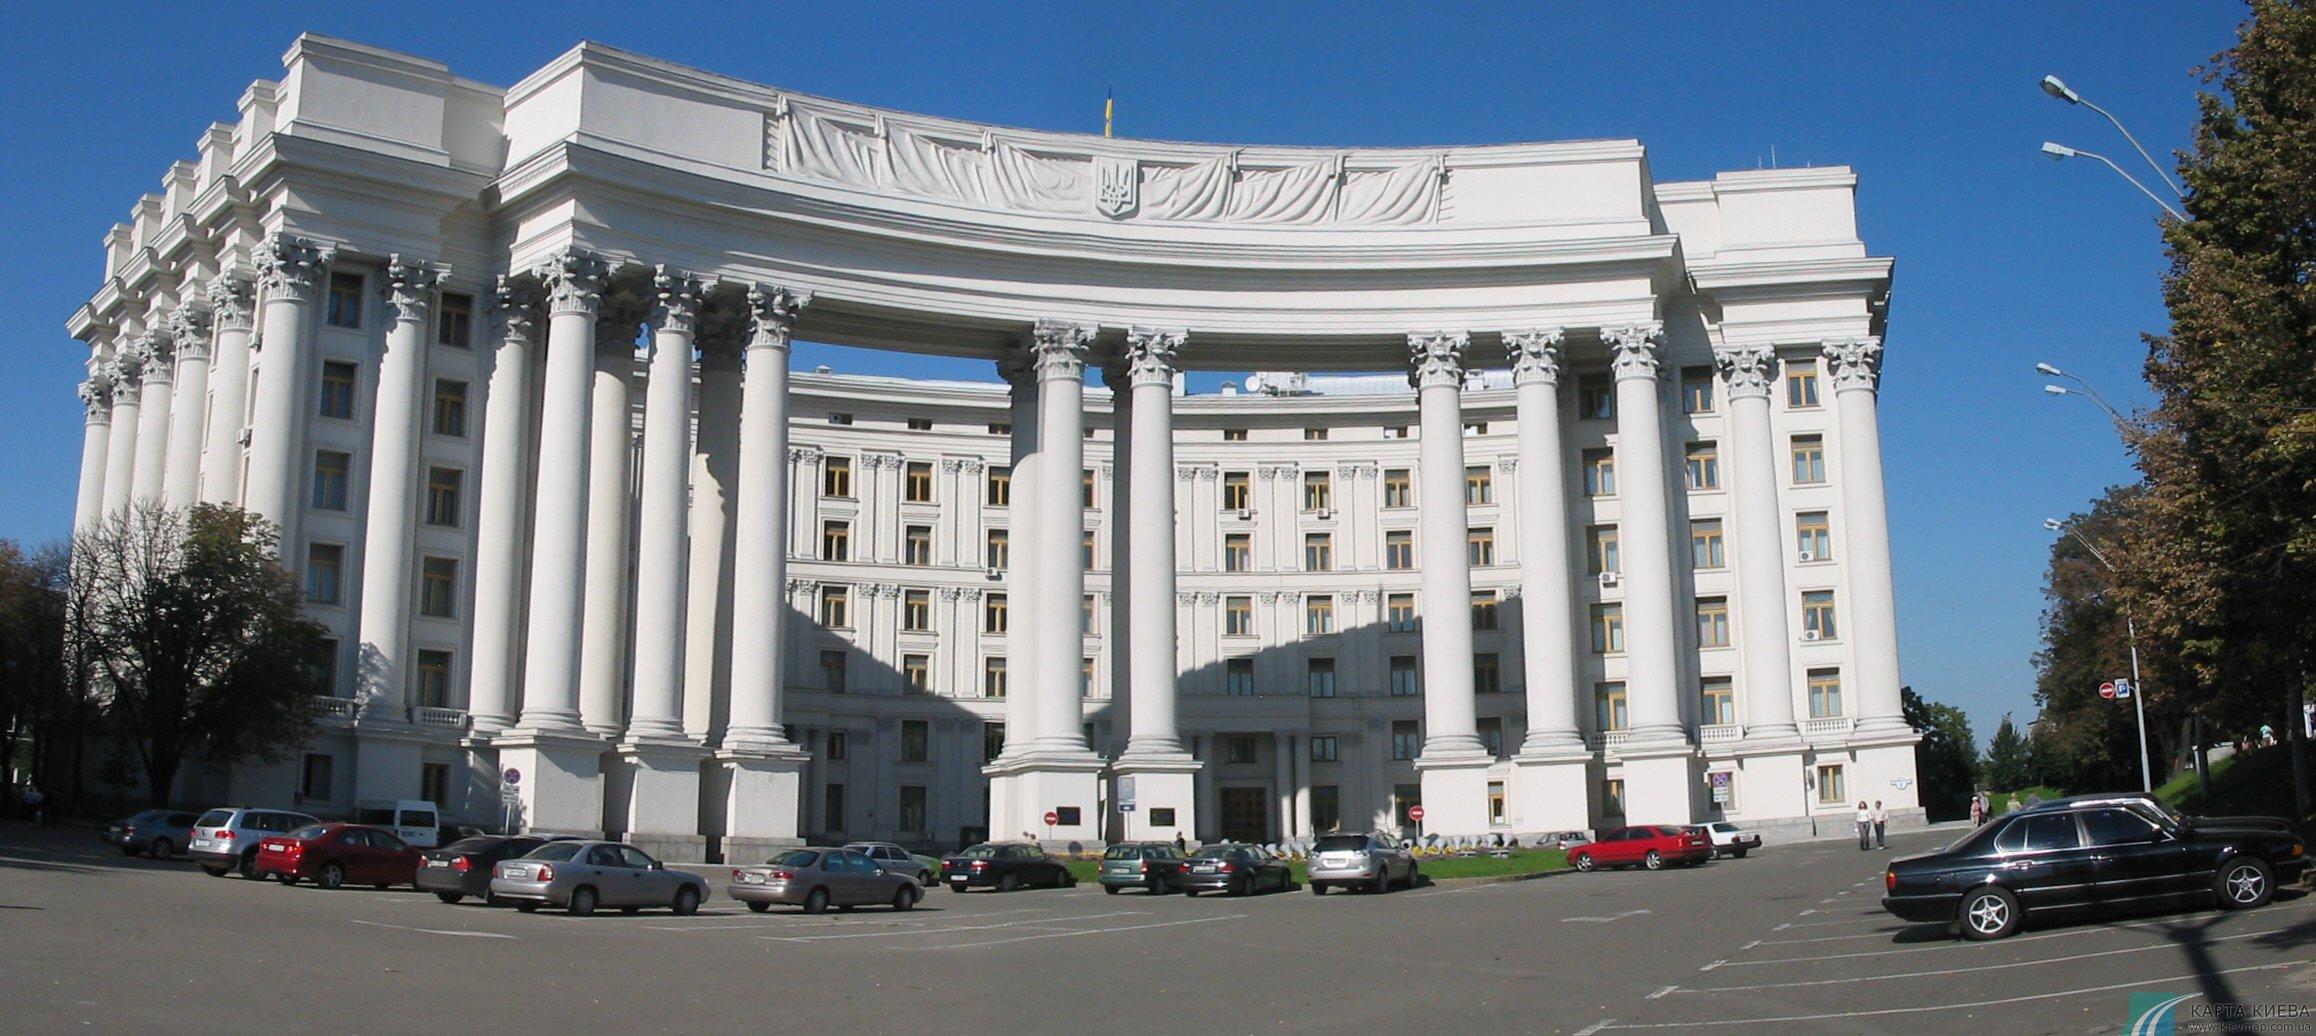 Посольство Украины в США лишилось всех автомобилей 2